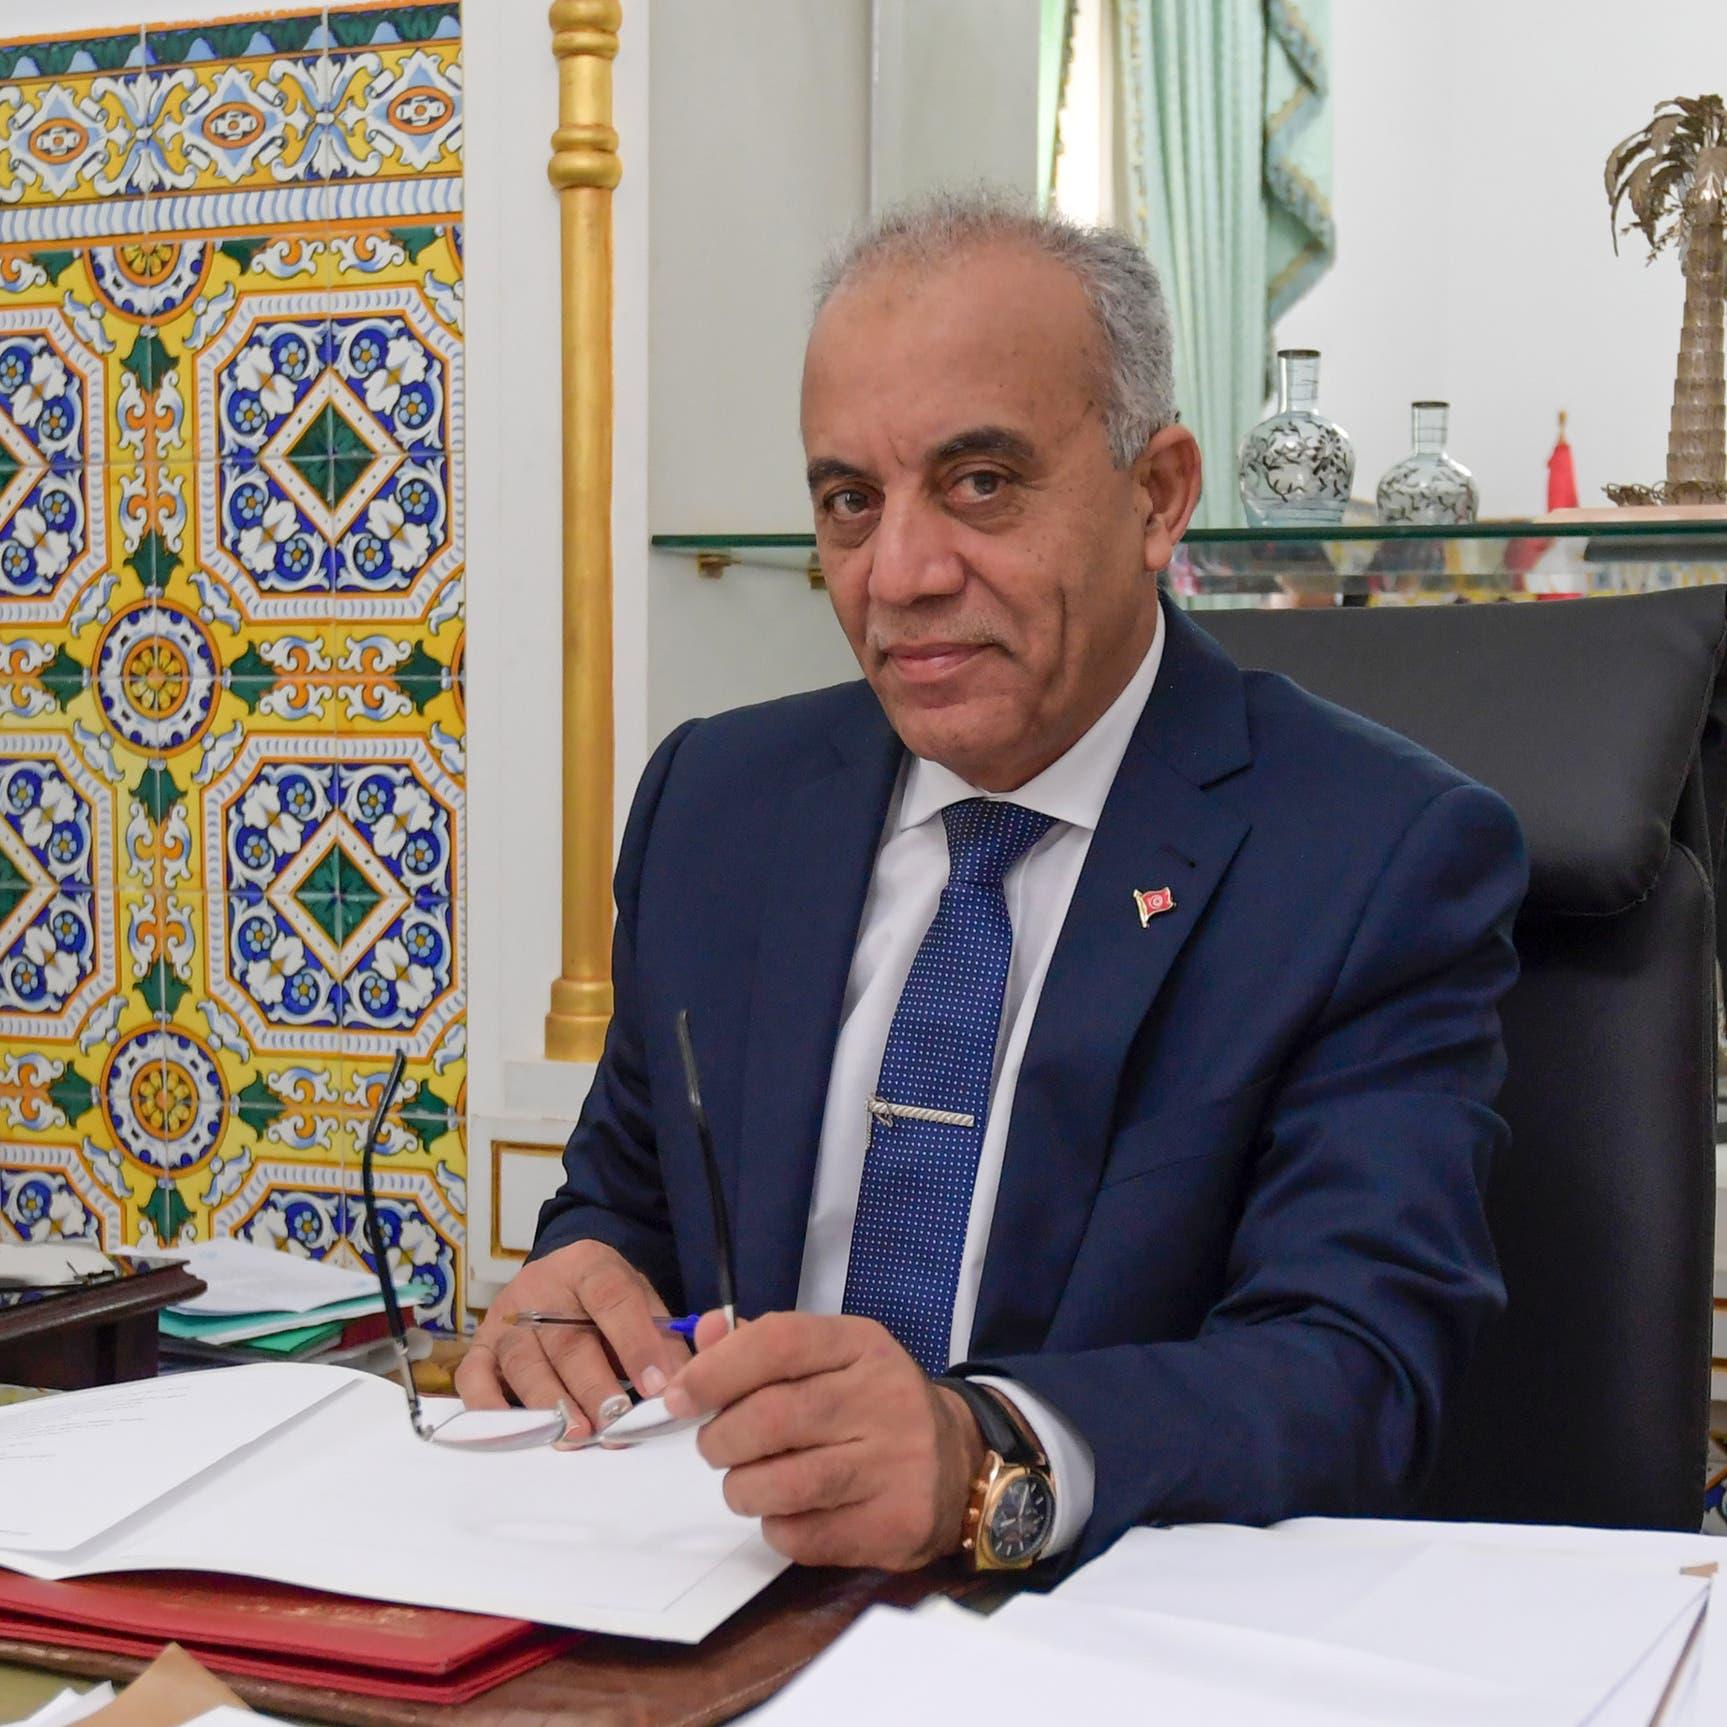 رئيس وزراء تونس يعلن حكومته.. غالبيتهم مغمورون